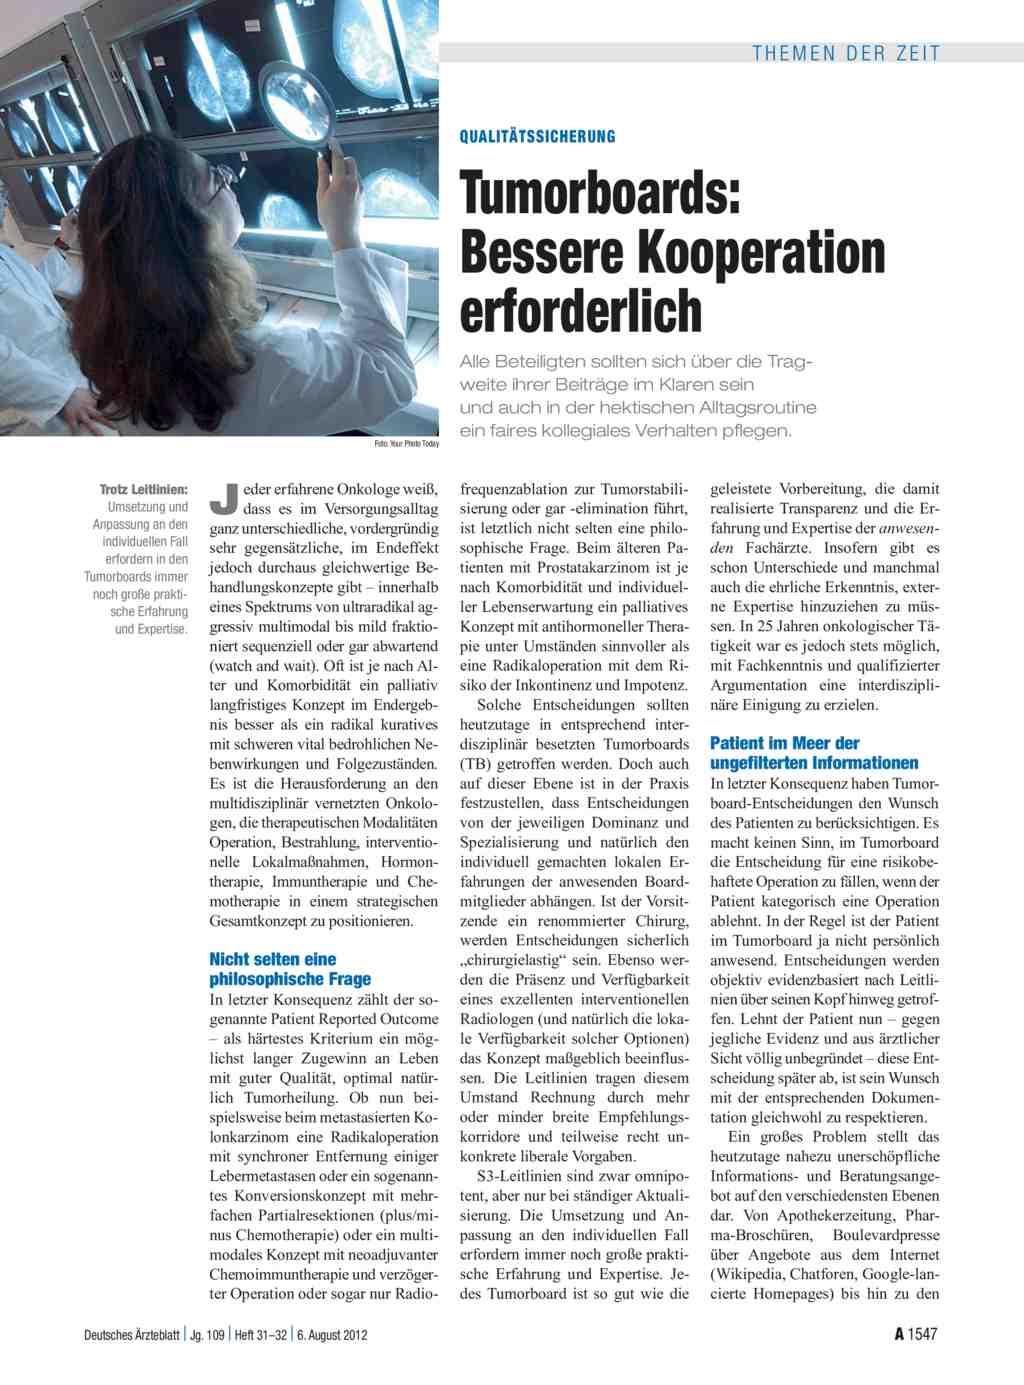 Qualitätssicherung: Tumorboards – Bessere Kooperation erforderlich